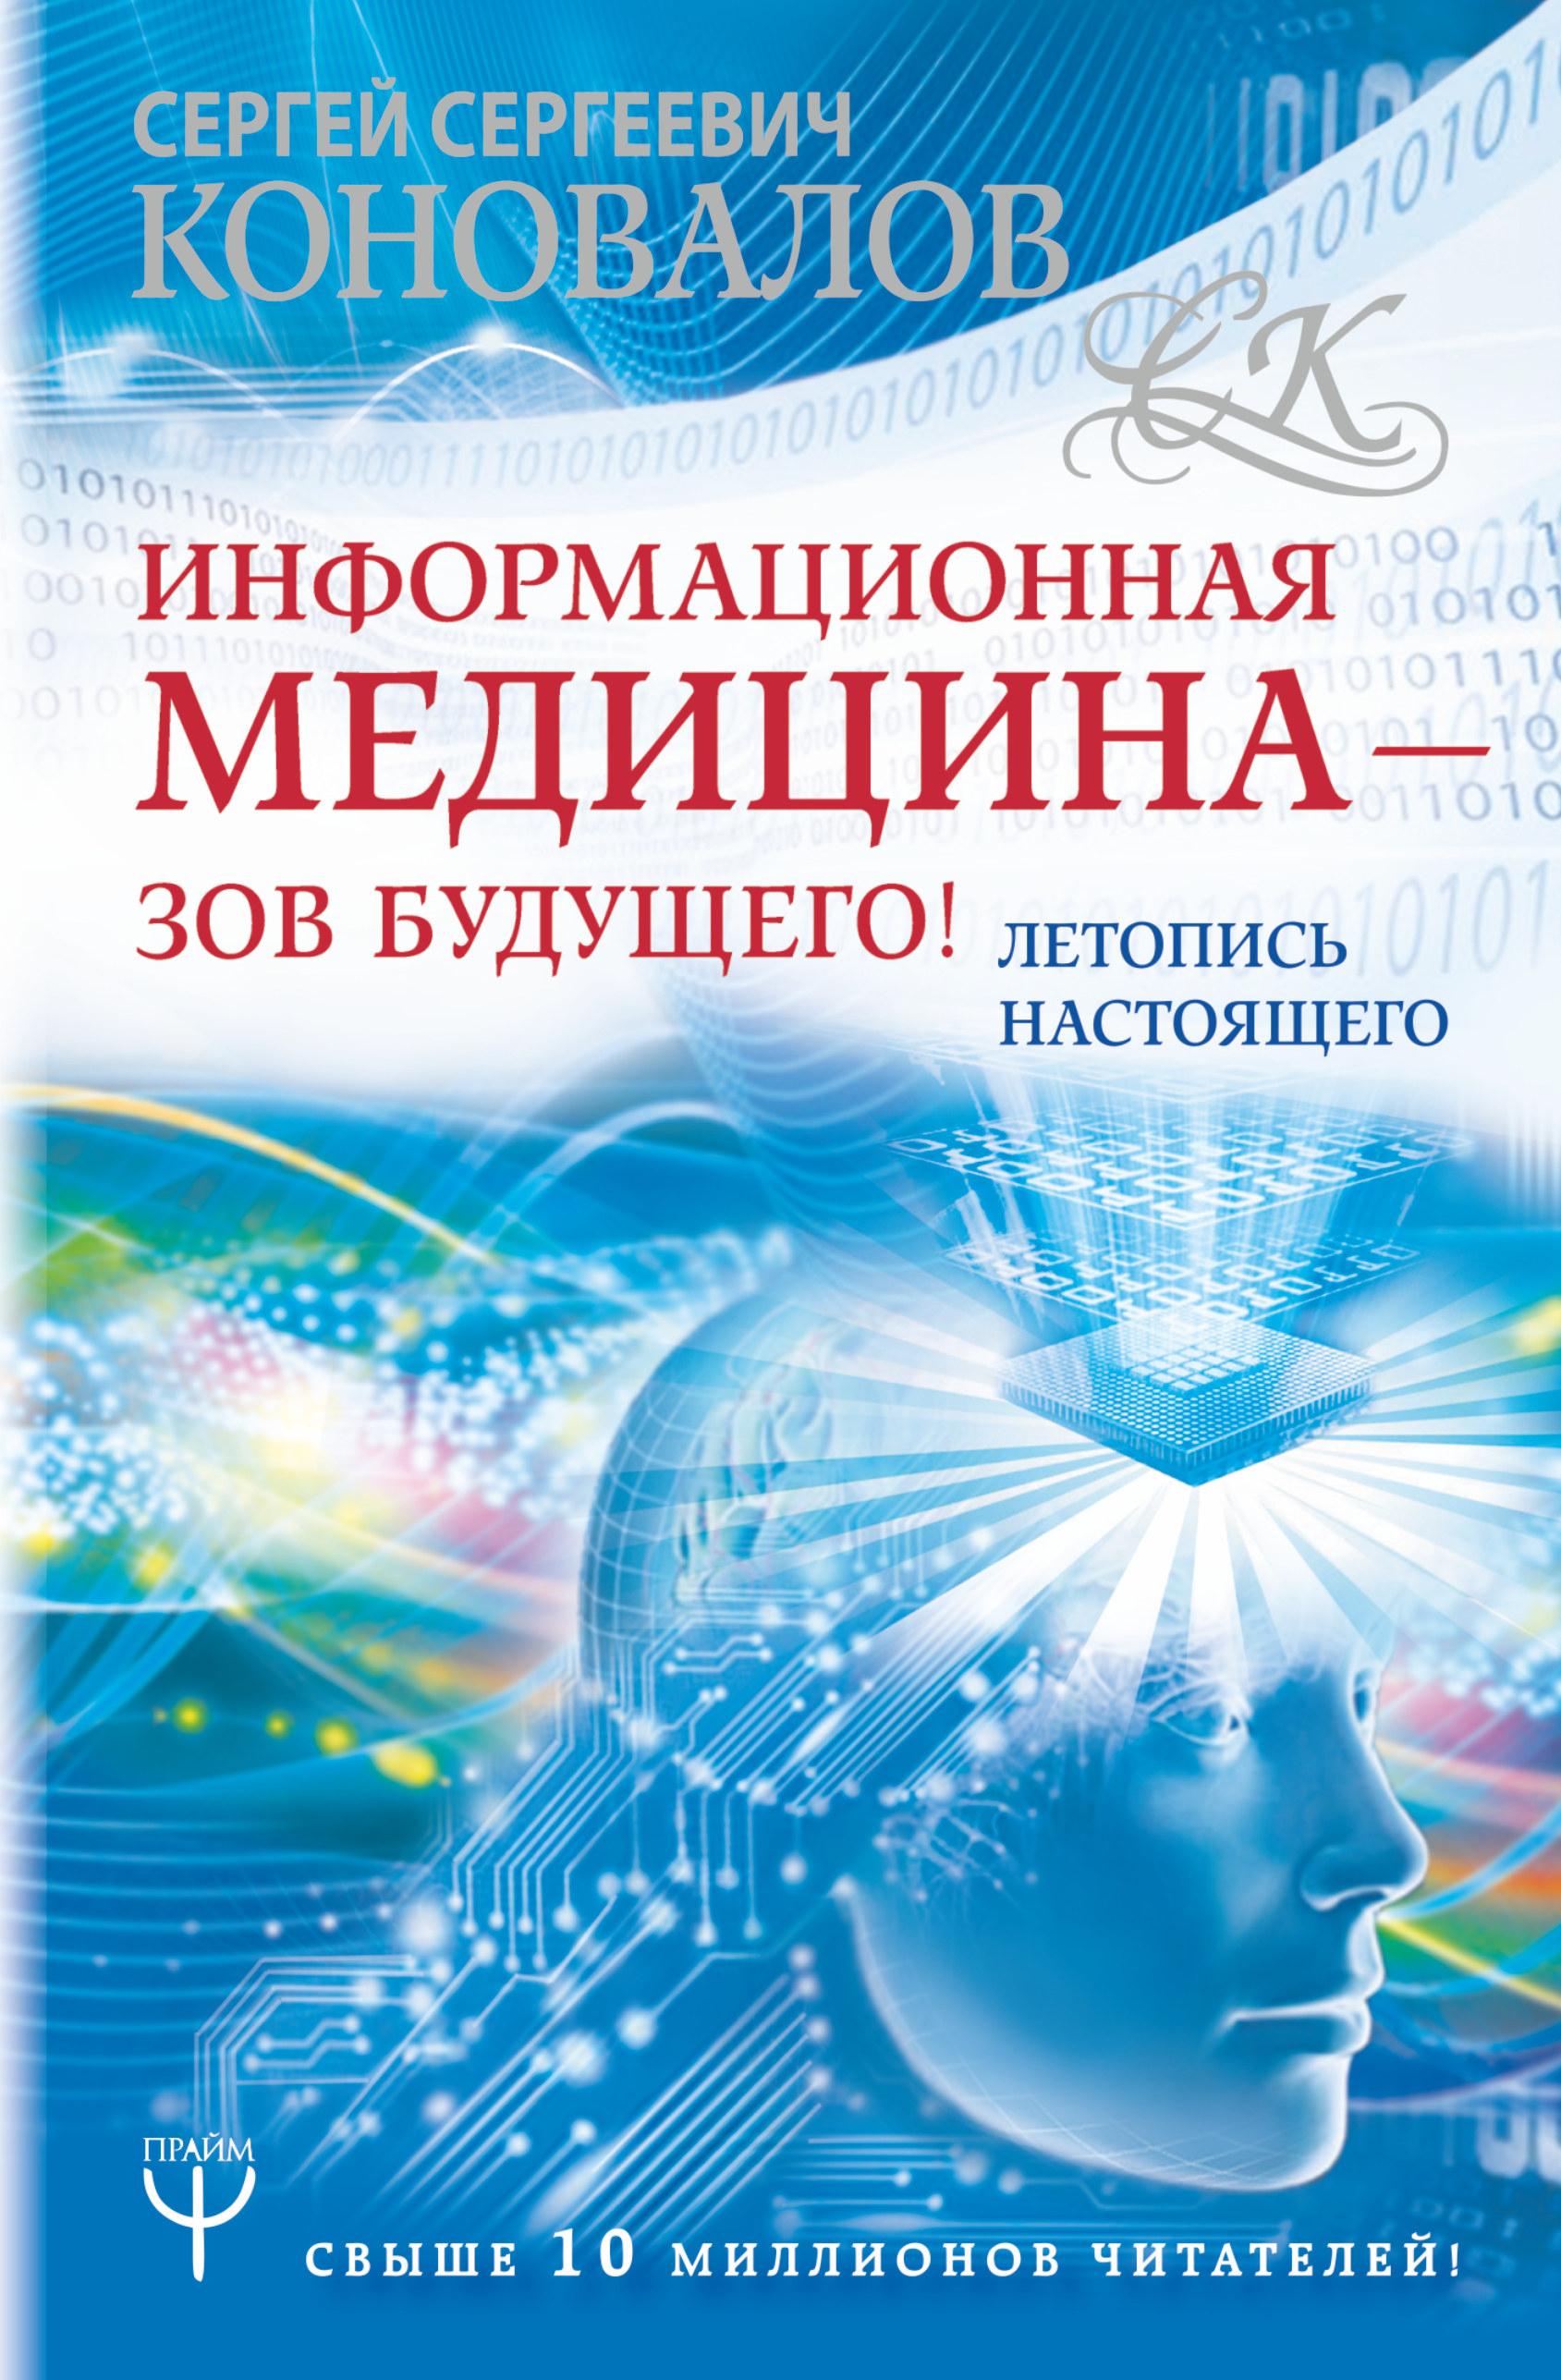 Сергей Сергеевич Коновалов Информационная медицина - зов будущего! Летопись настоящего